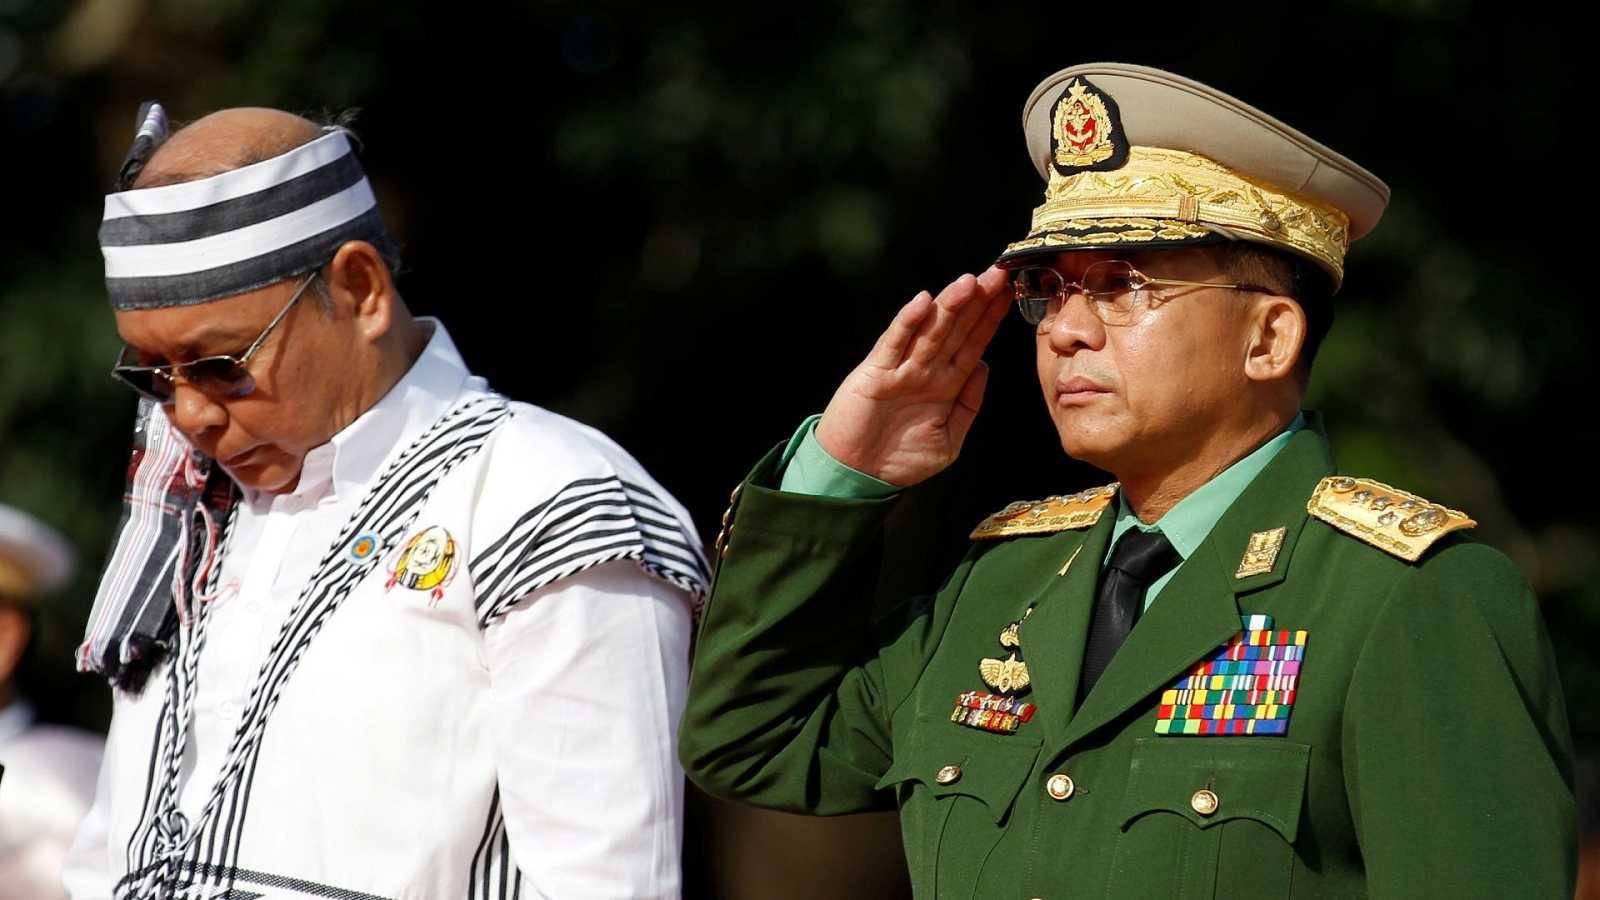 El jefe de las Fuerzas Armadas de Birmania, el general Min Aung Hlaing